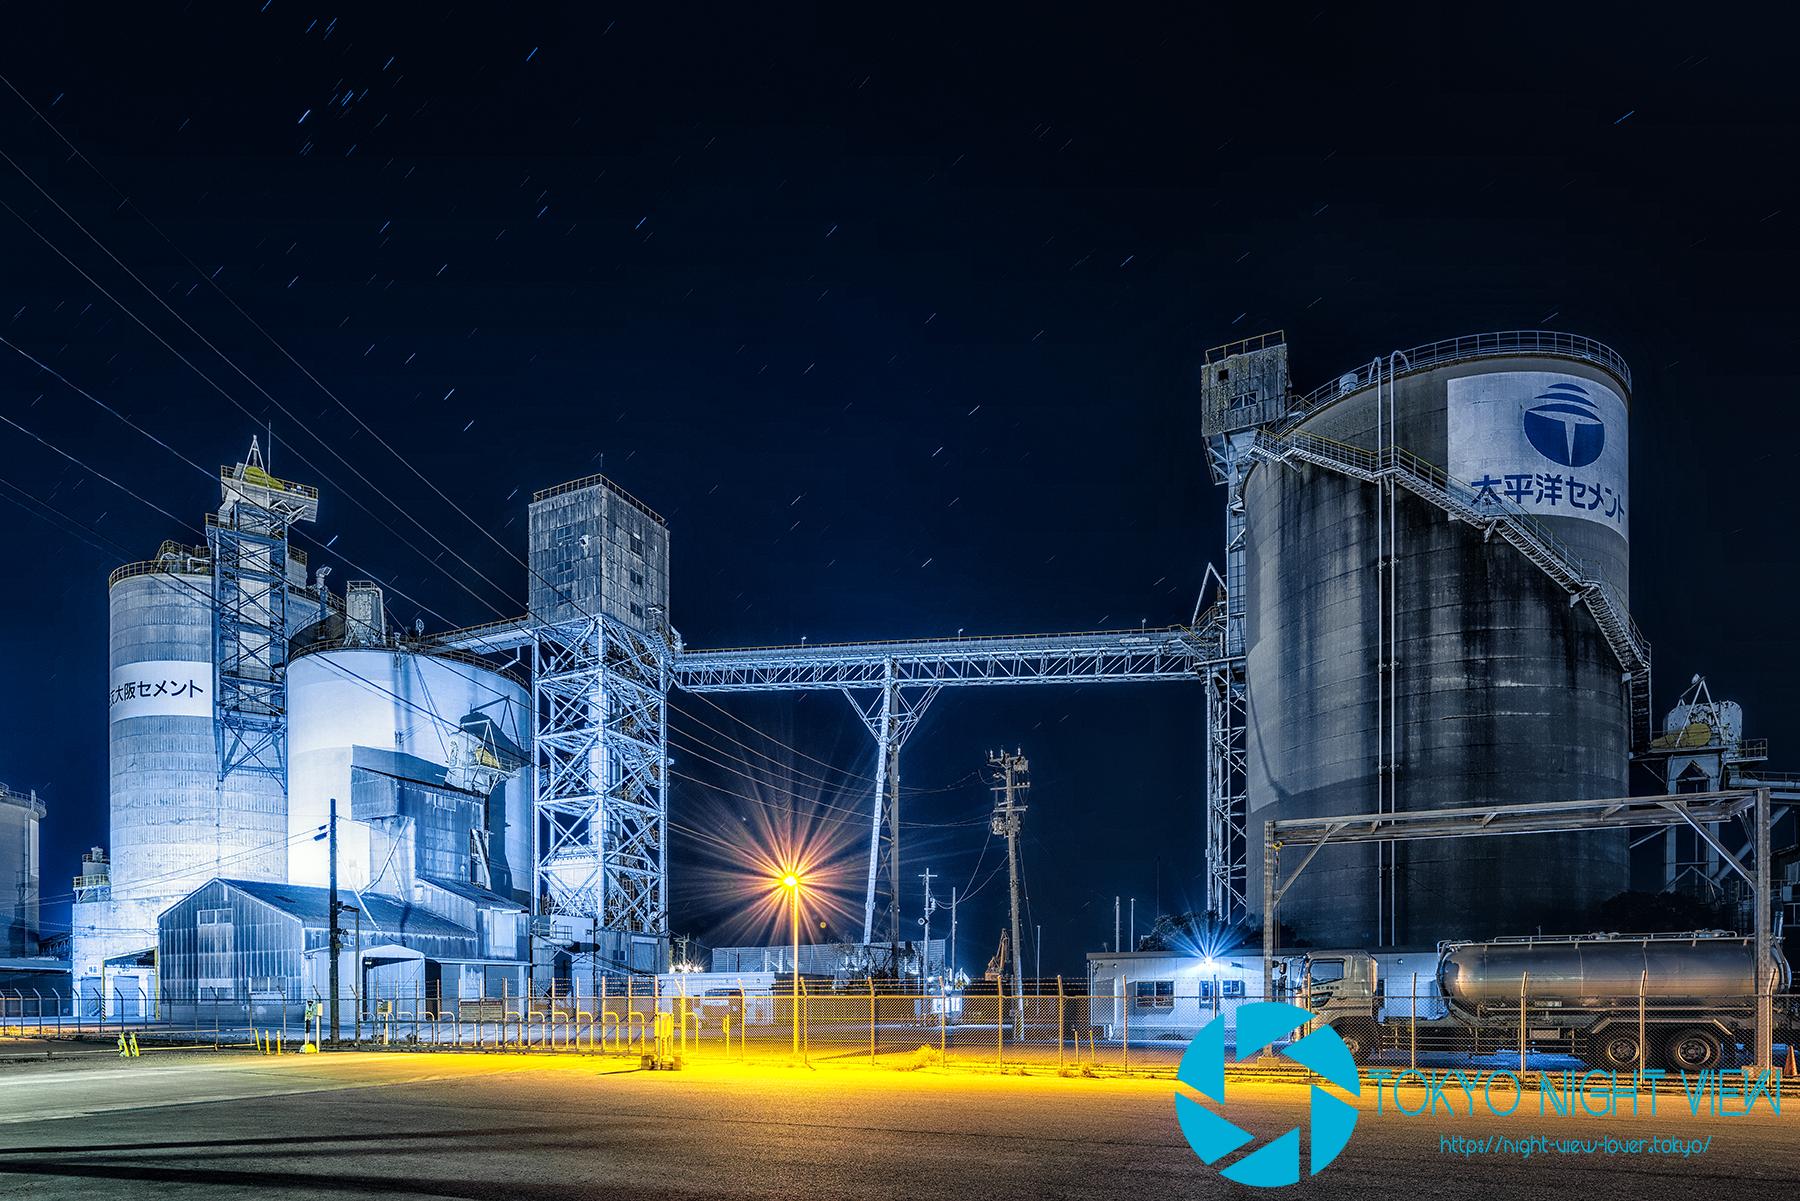 セメント工場群-Cement Factory